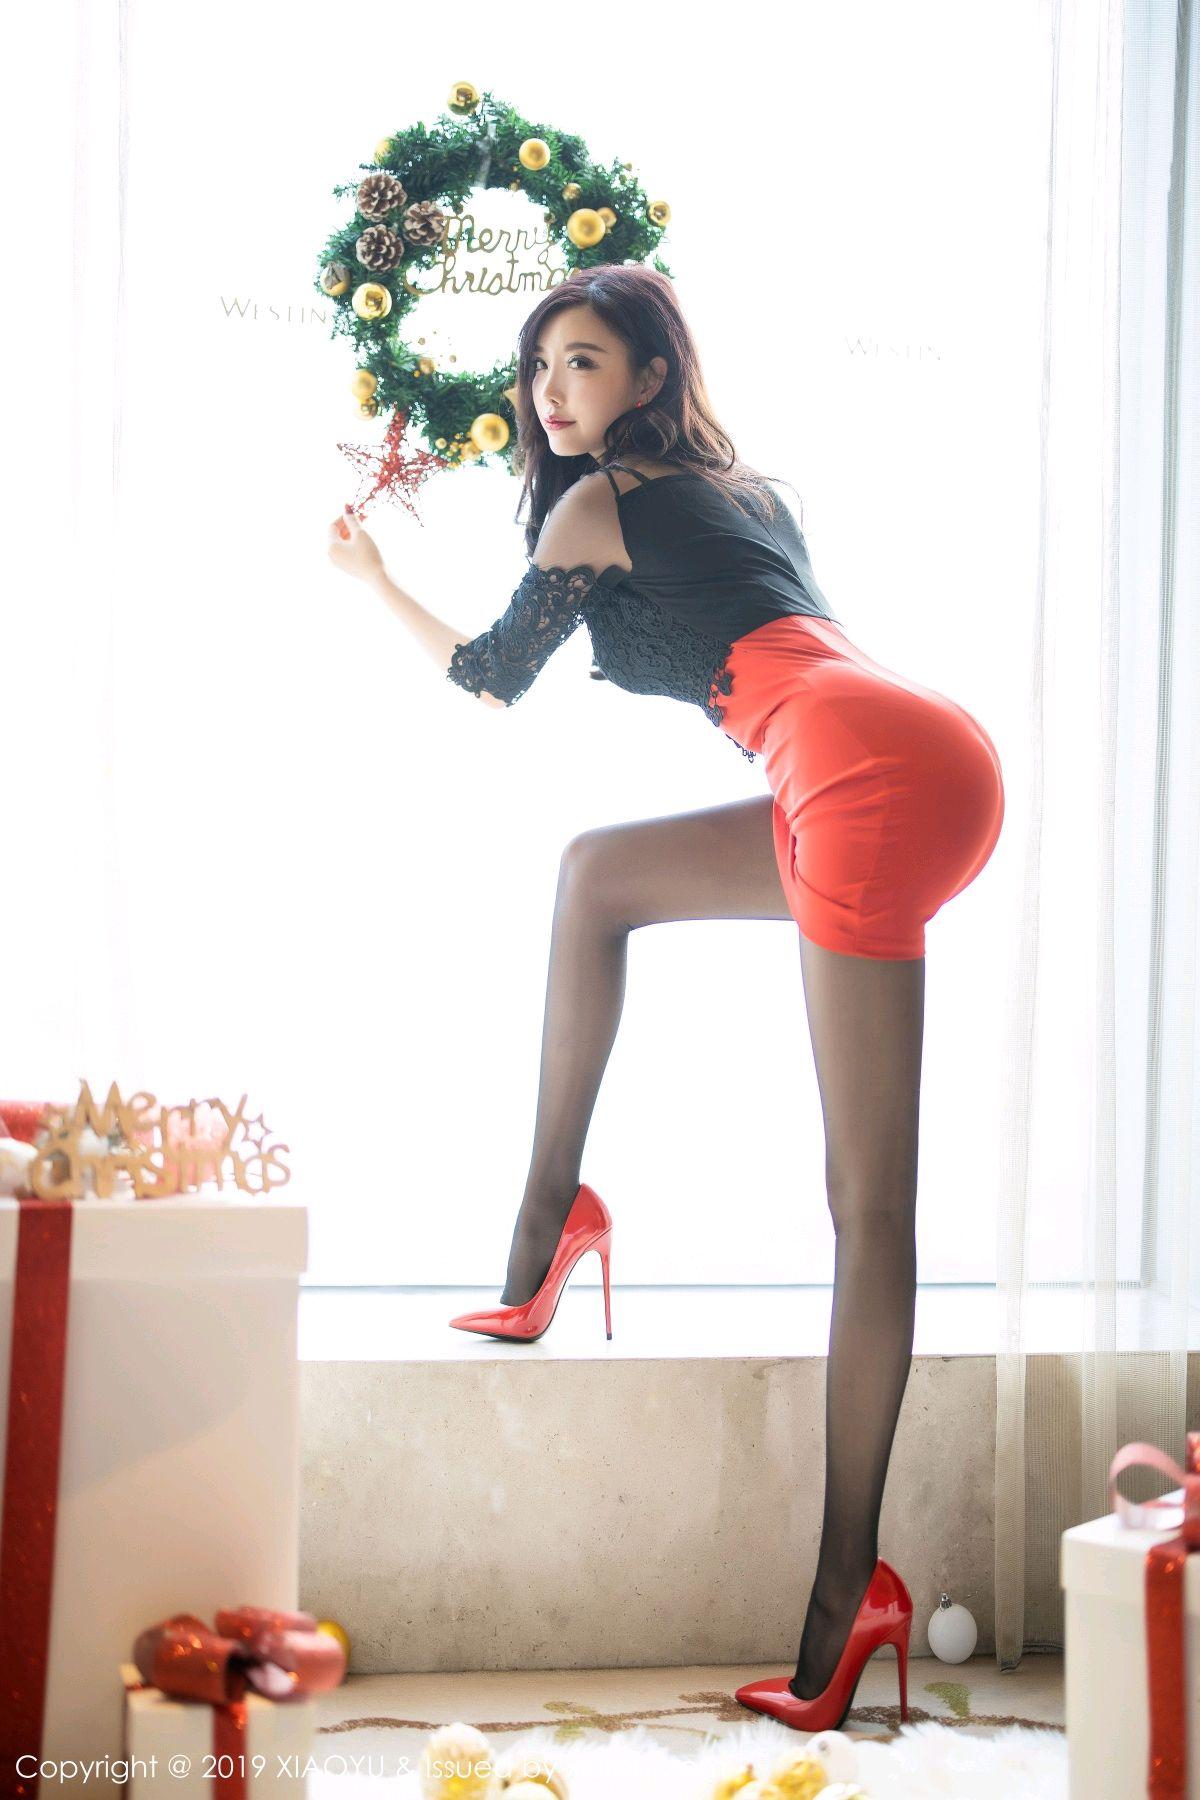 [XiaoYu] Vol.225 Yang Chen Chen 22P, Christmas, Underwear, XiaoYu, Yang Chen Chen